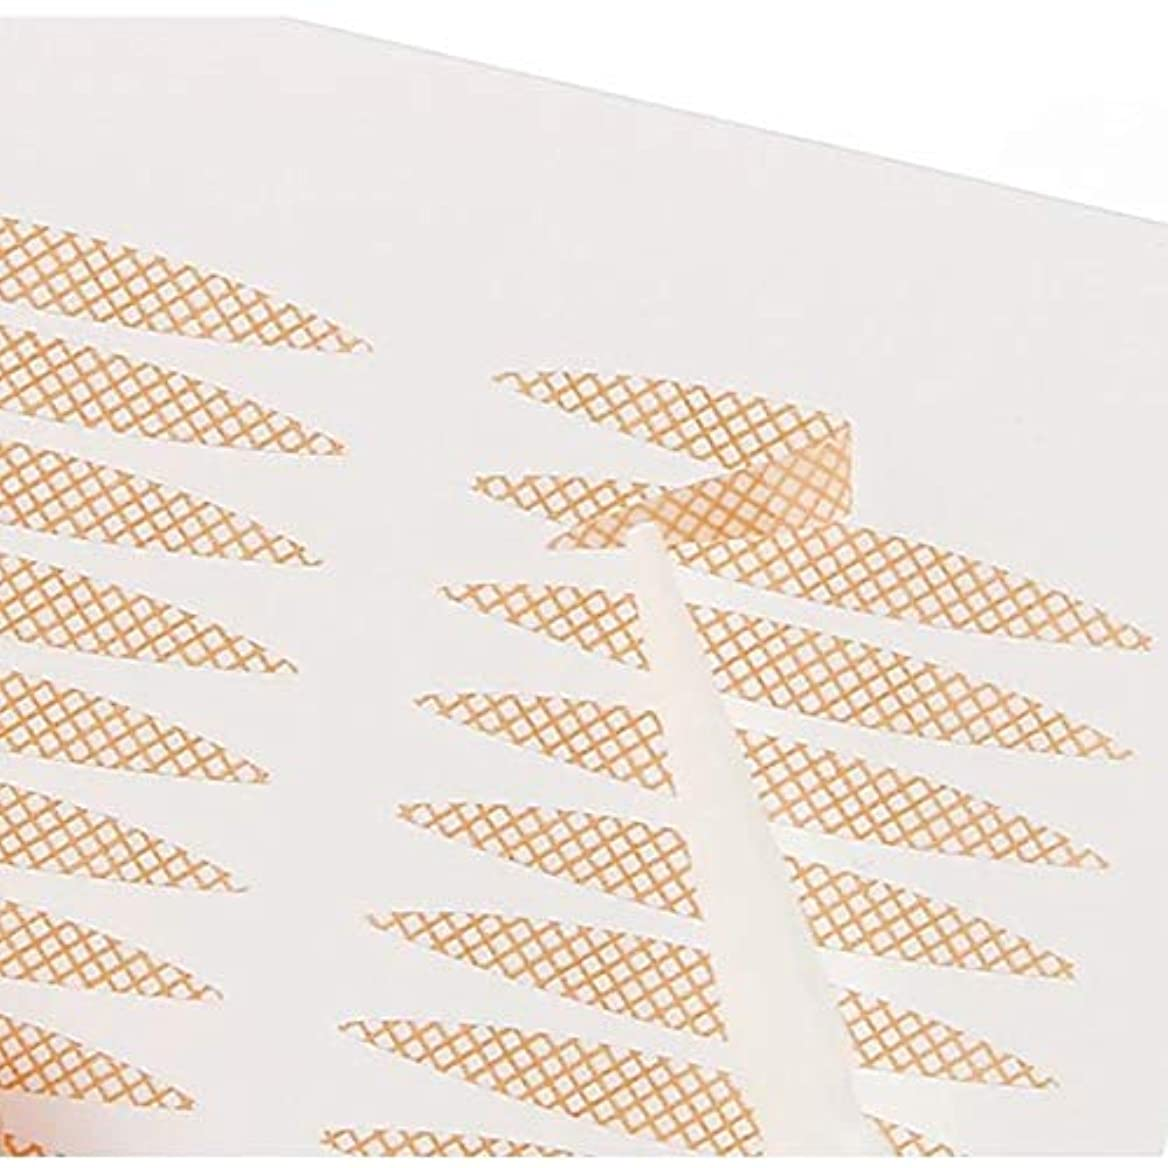 心理的流行湿地SweetSweetShop メッシュ式二重テープ 二重まぶた アイテープ ふたえまぶたテープ 癖付け 絆創膏タイプ 半月型 楕円型 240枚 120回分 4ヶ月分 プッシャー付き (半月タイプレギュラー240枚)